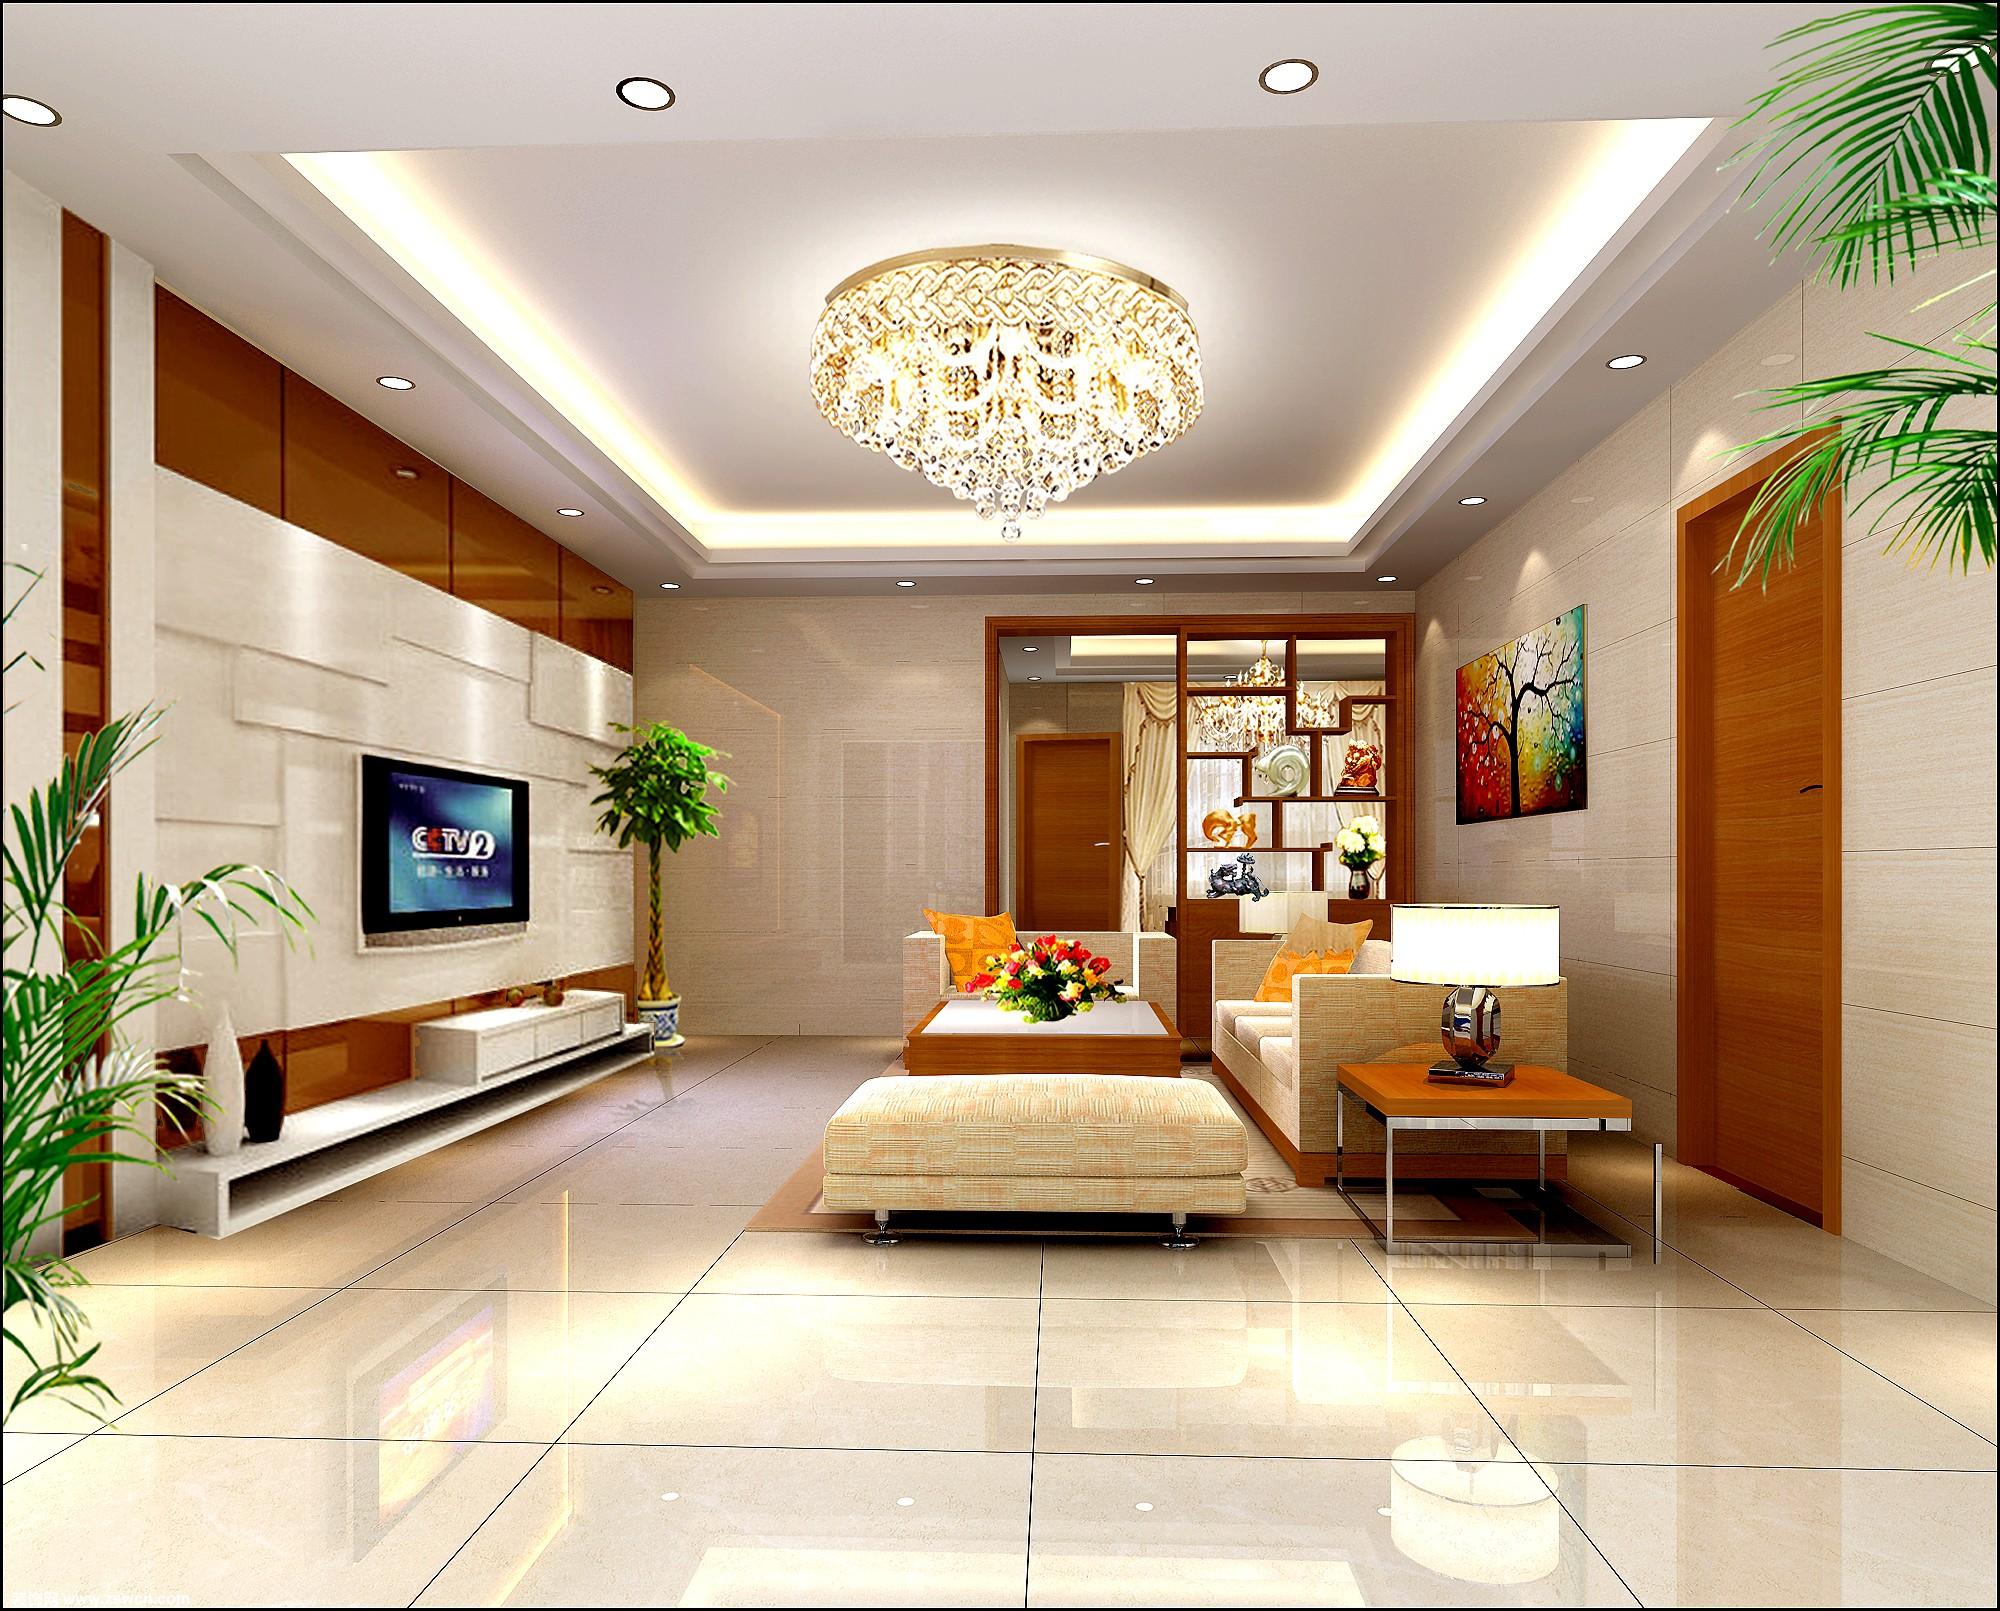 家居室內裝修現代簡約風格-安全